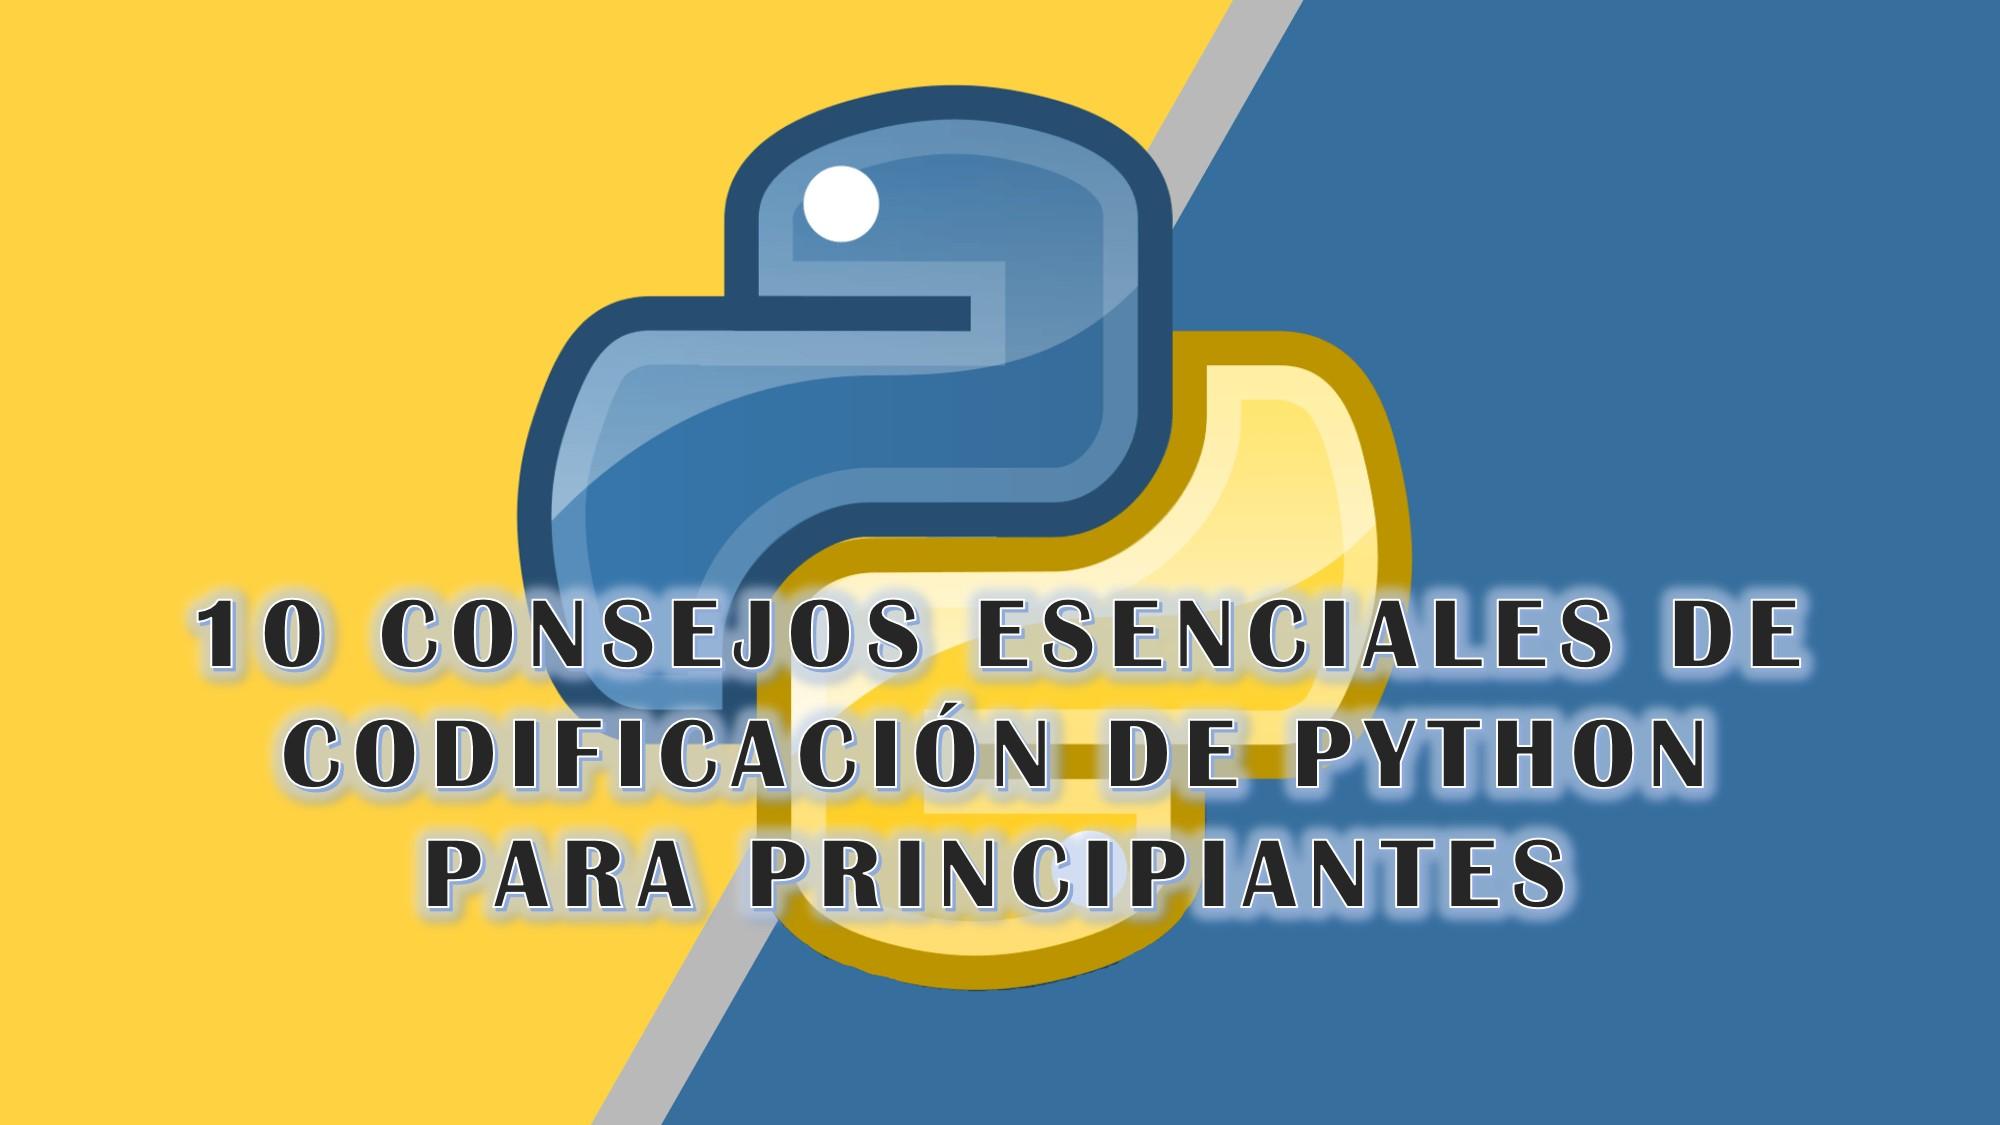 10 Consejos esenciales de codificación de Python para principiantes